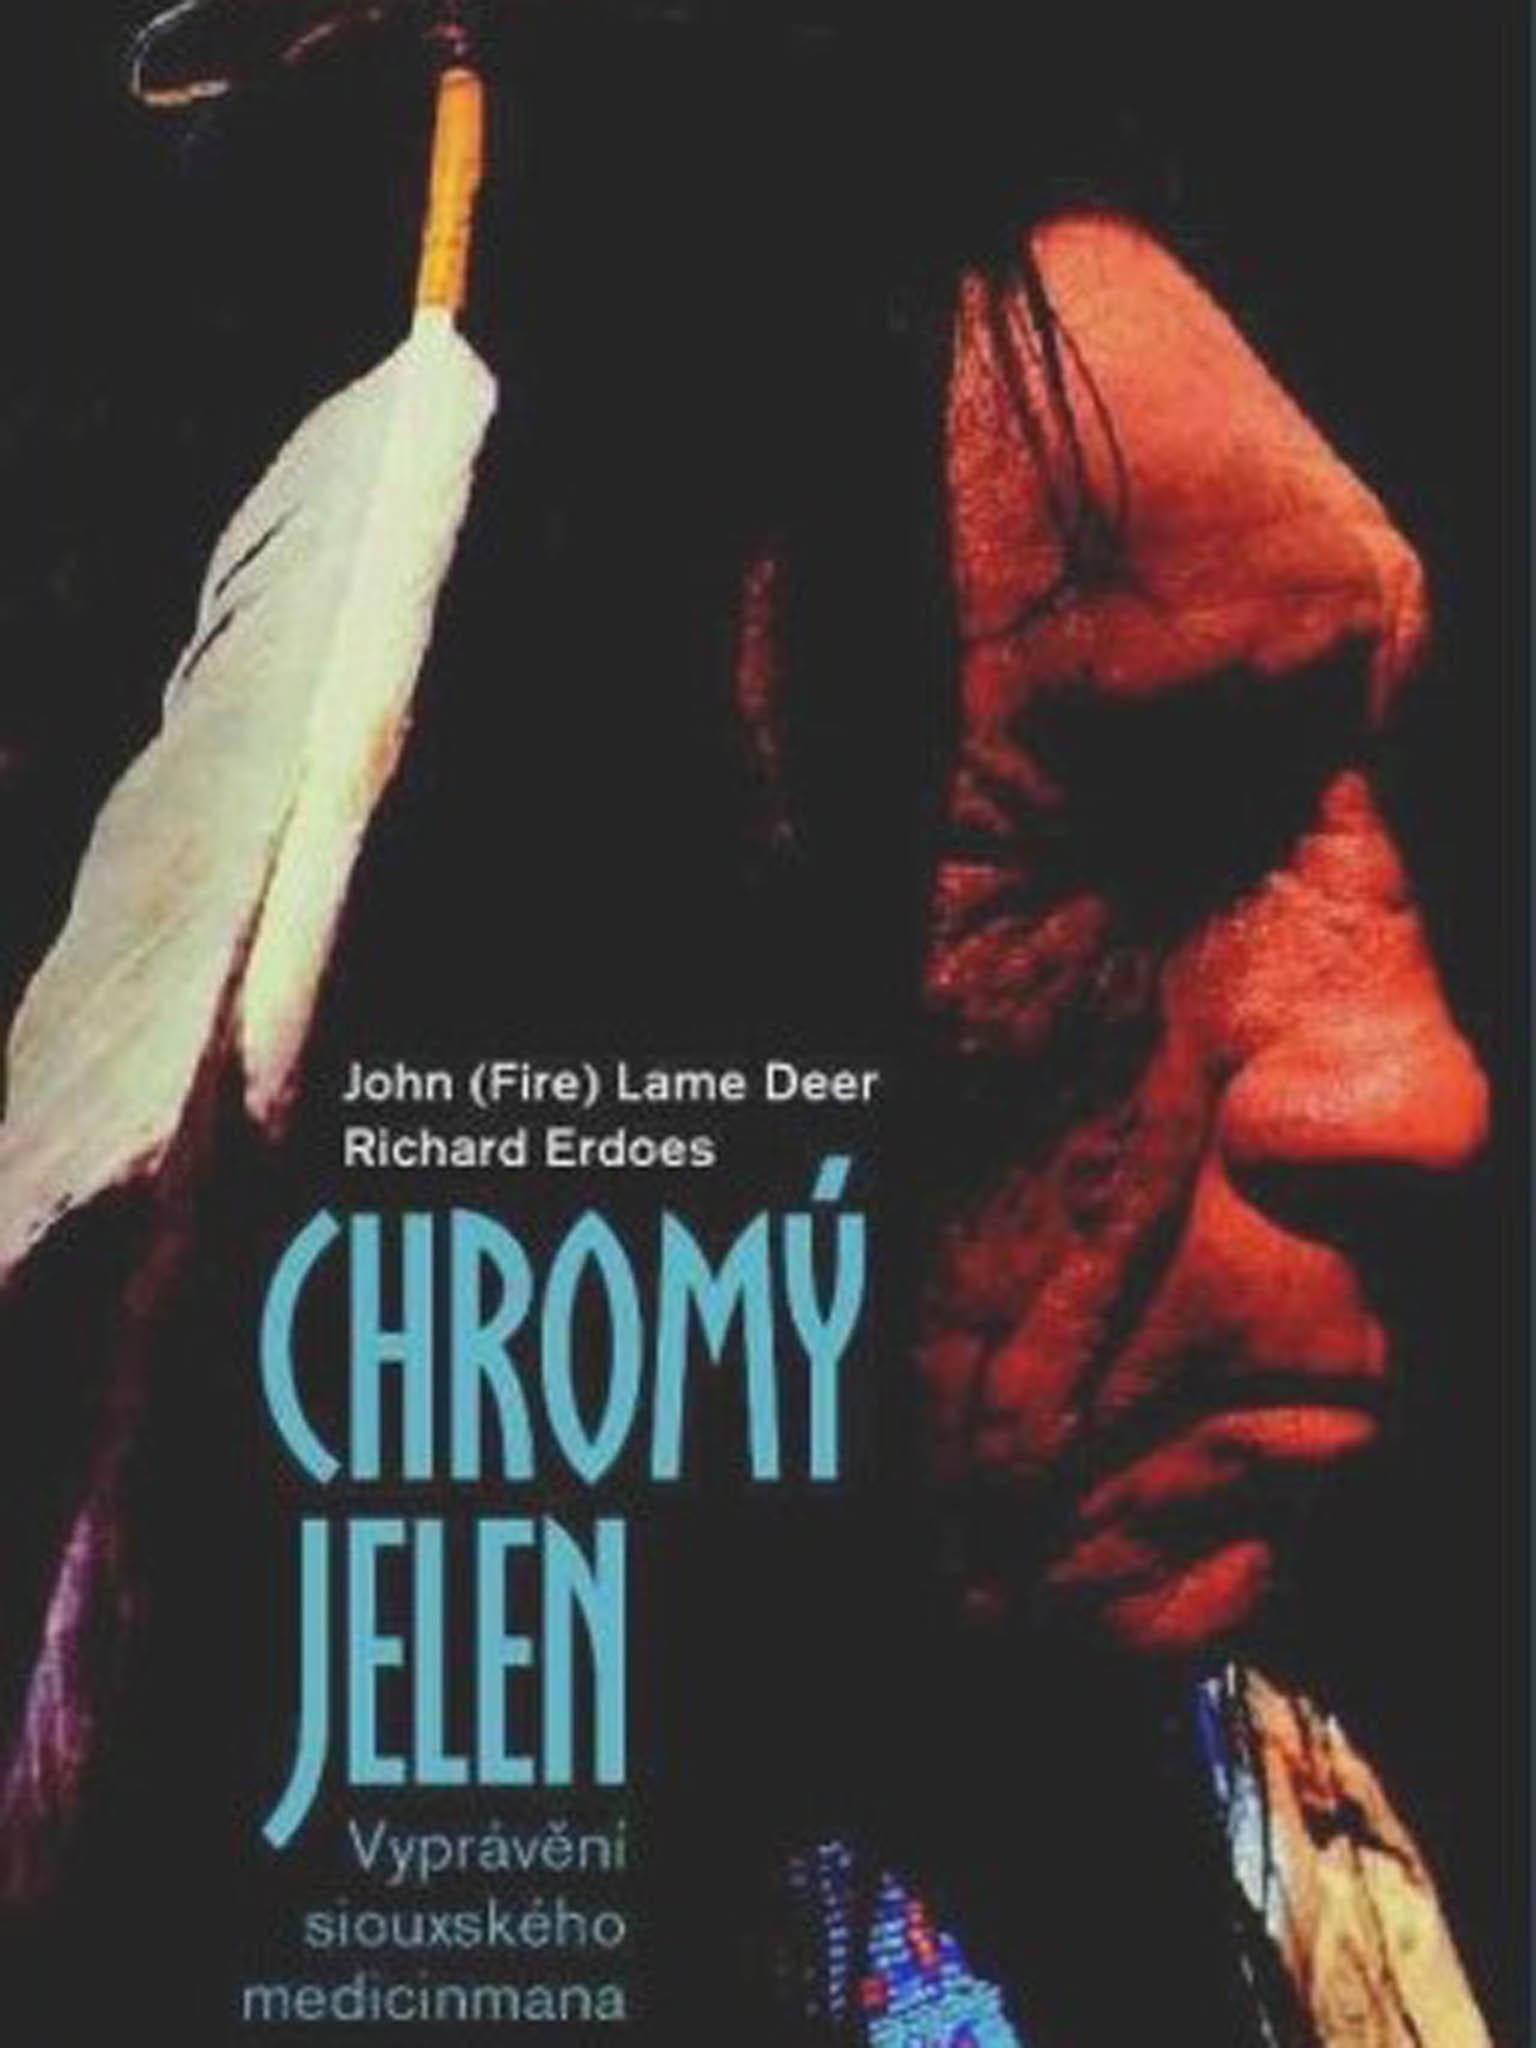 Richard Erdoes, John Fire Lame Deer: Chromý Jelen – Vyprávění siouxského medicinmana, Paseka, 2004